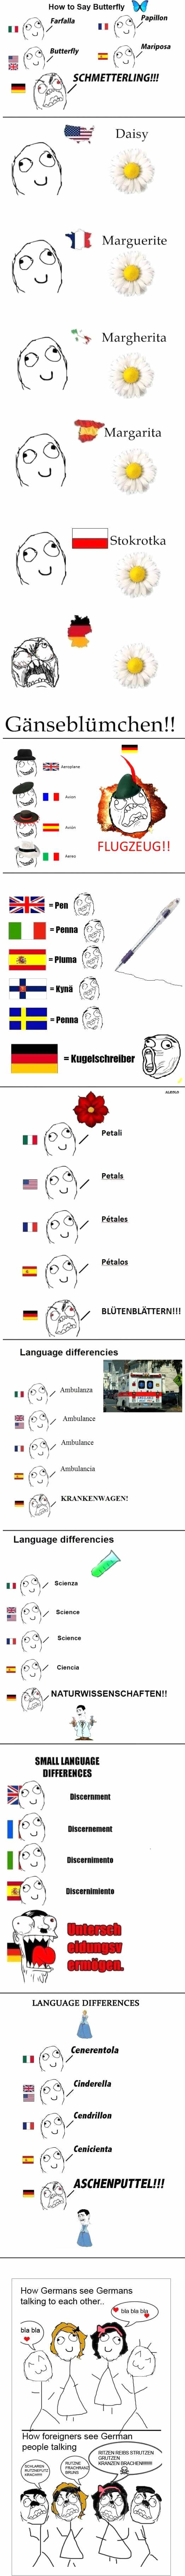 The German language. Nicht gleich so aggressiv :D